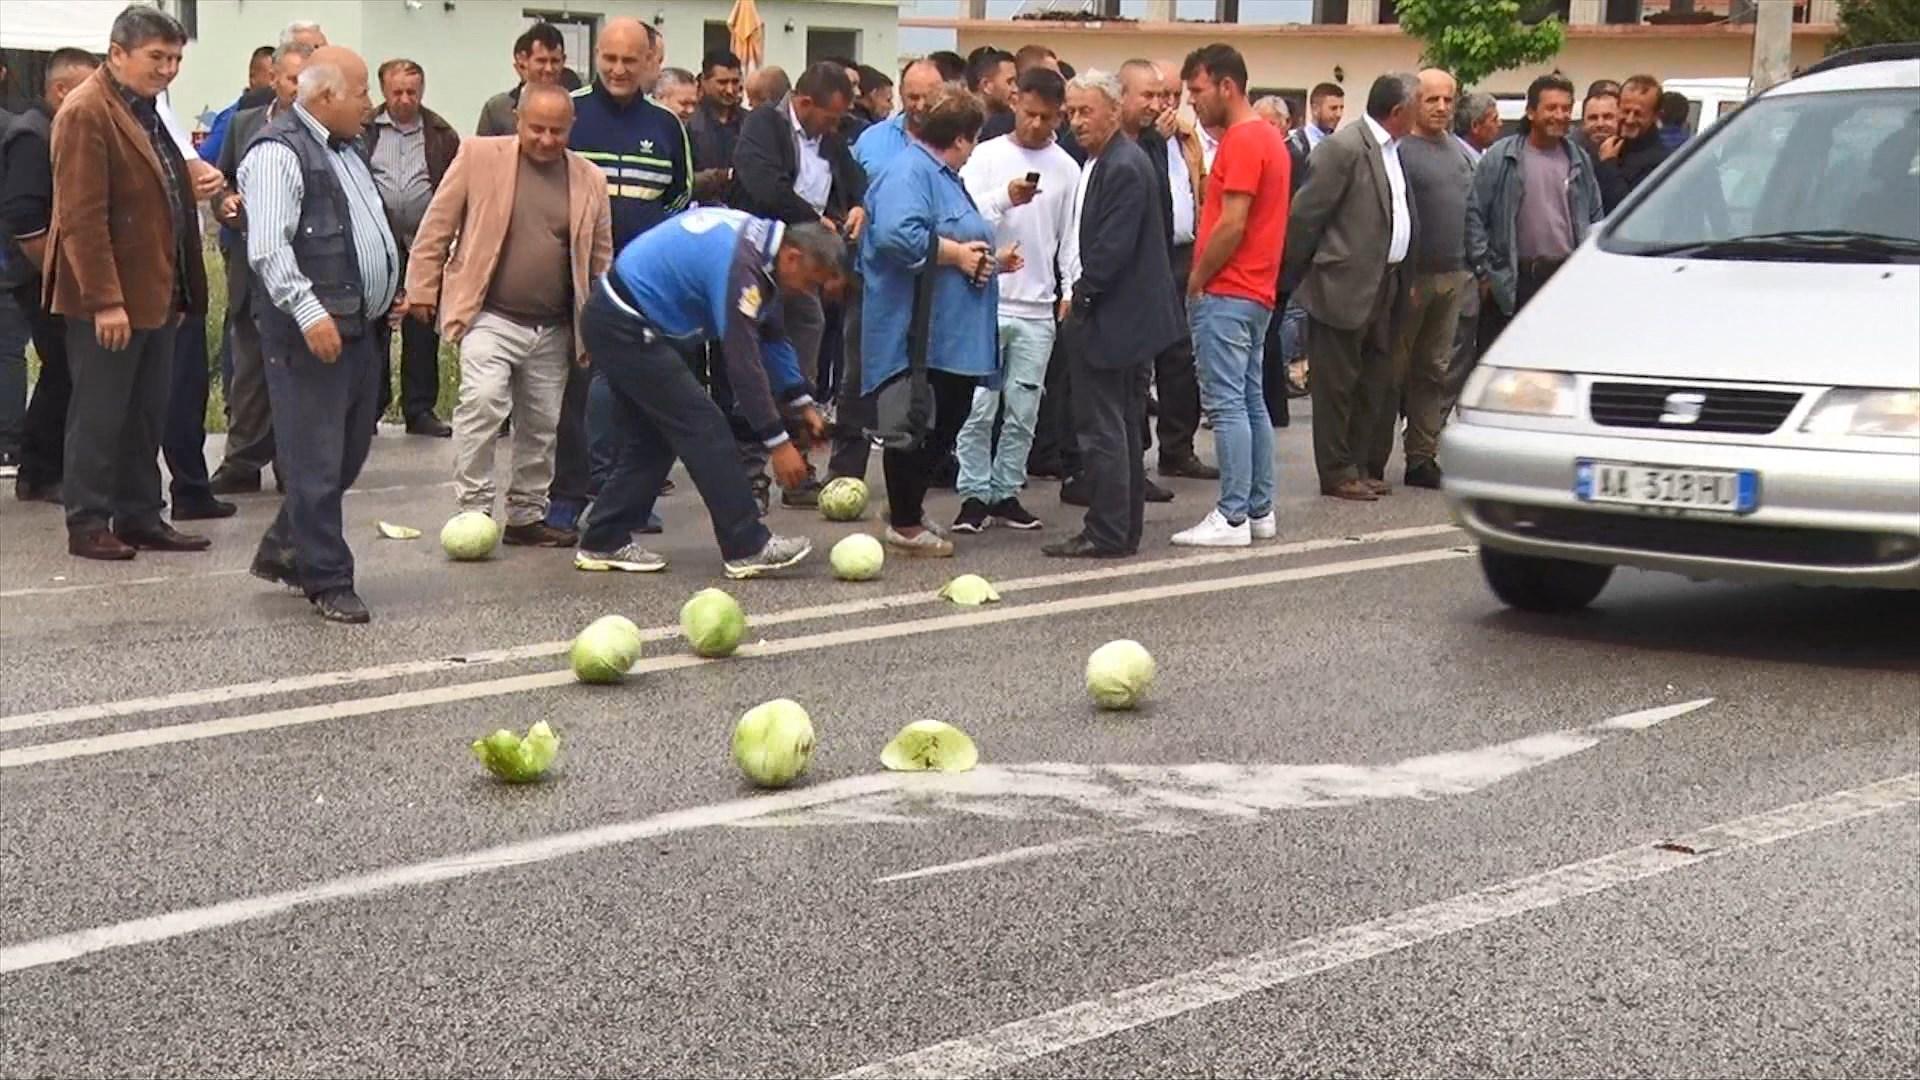 16 fshatra të Beratit e Fierit protestë për bujqësinë e infrastrukturën